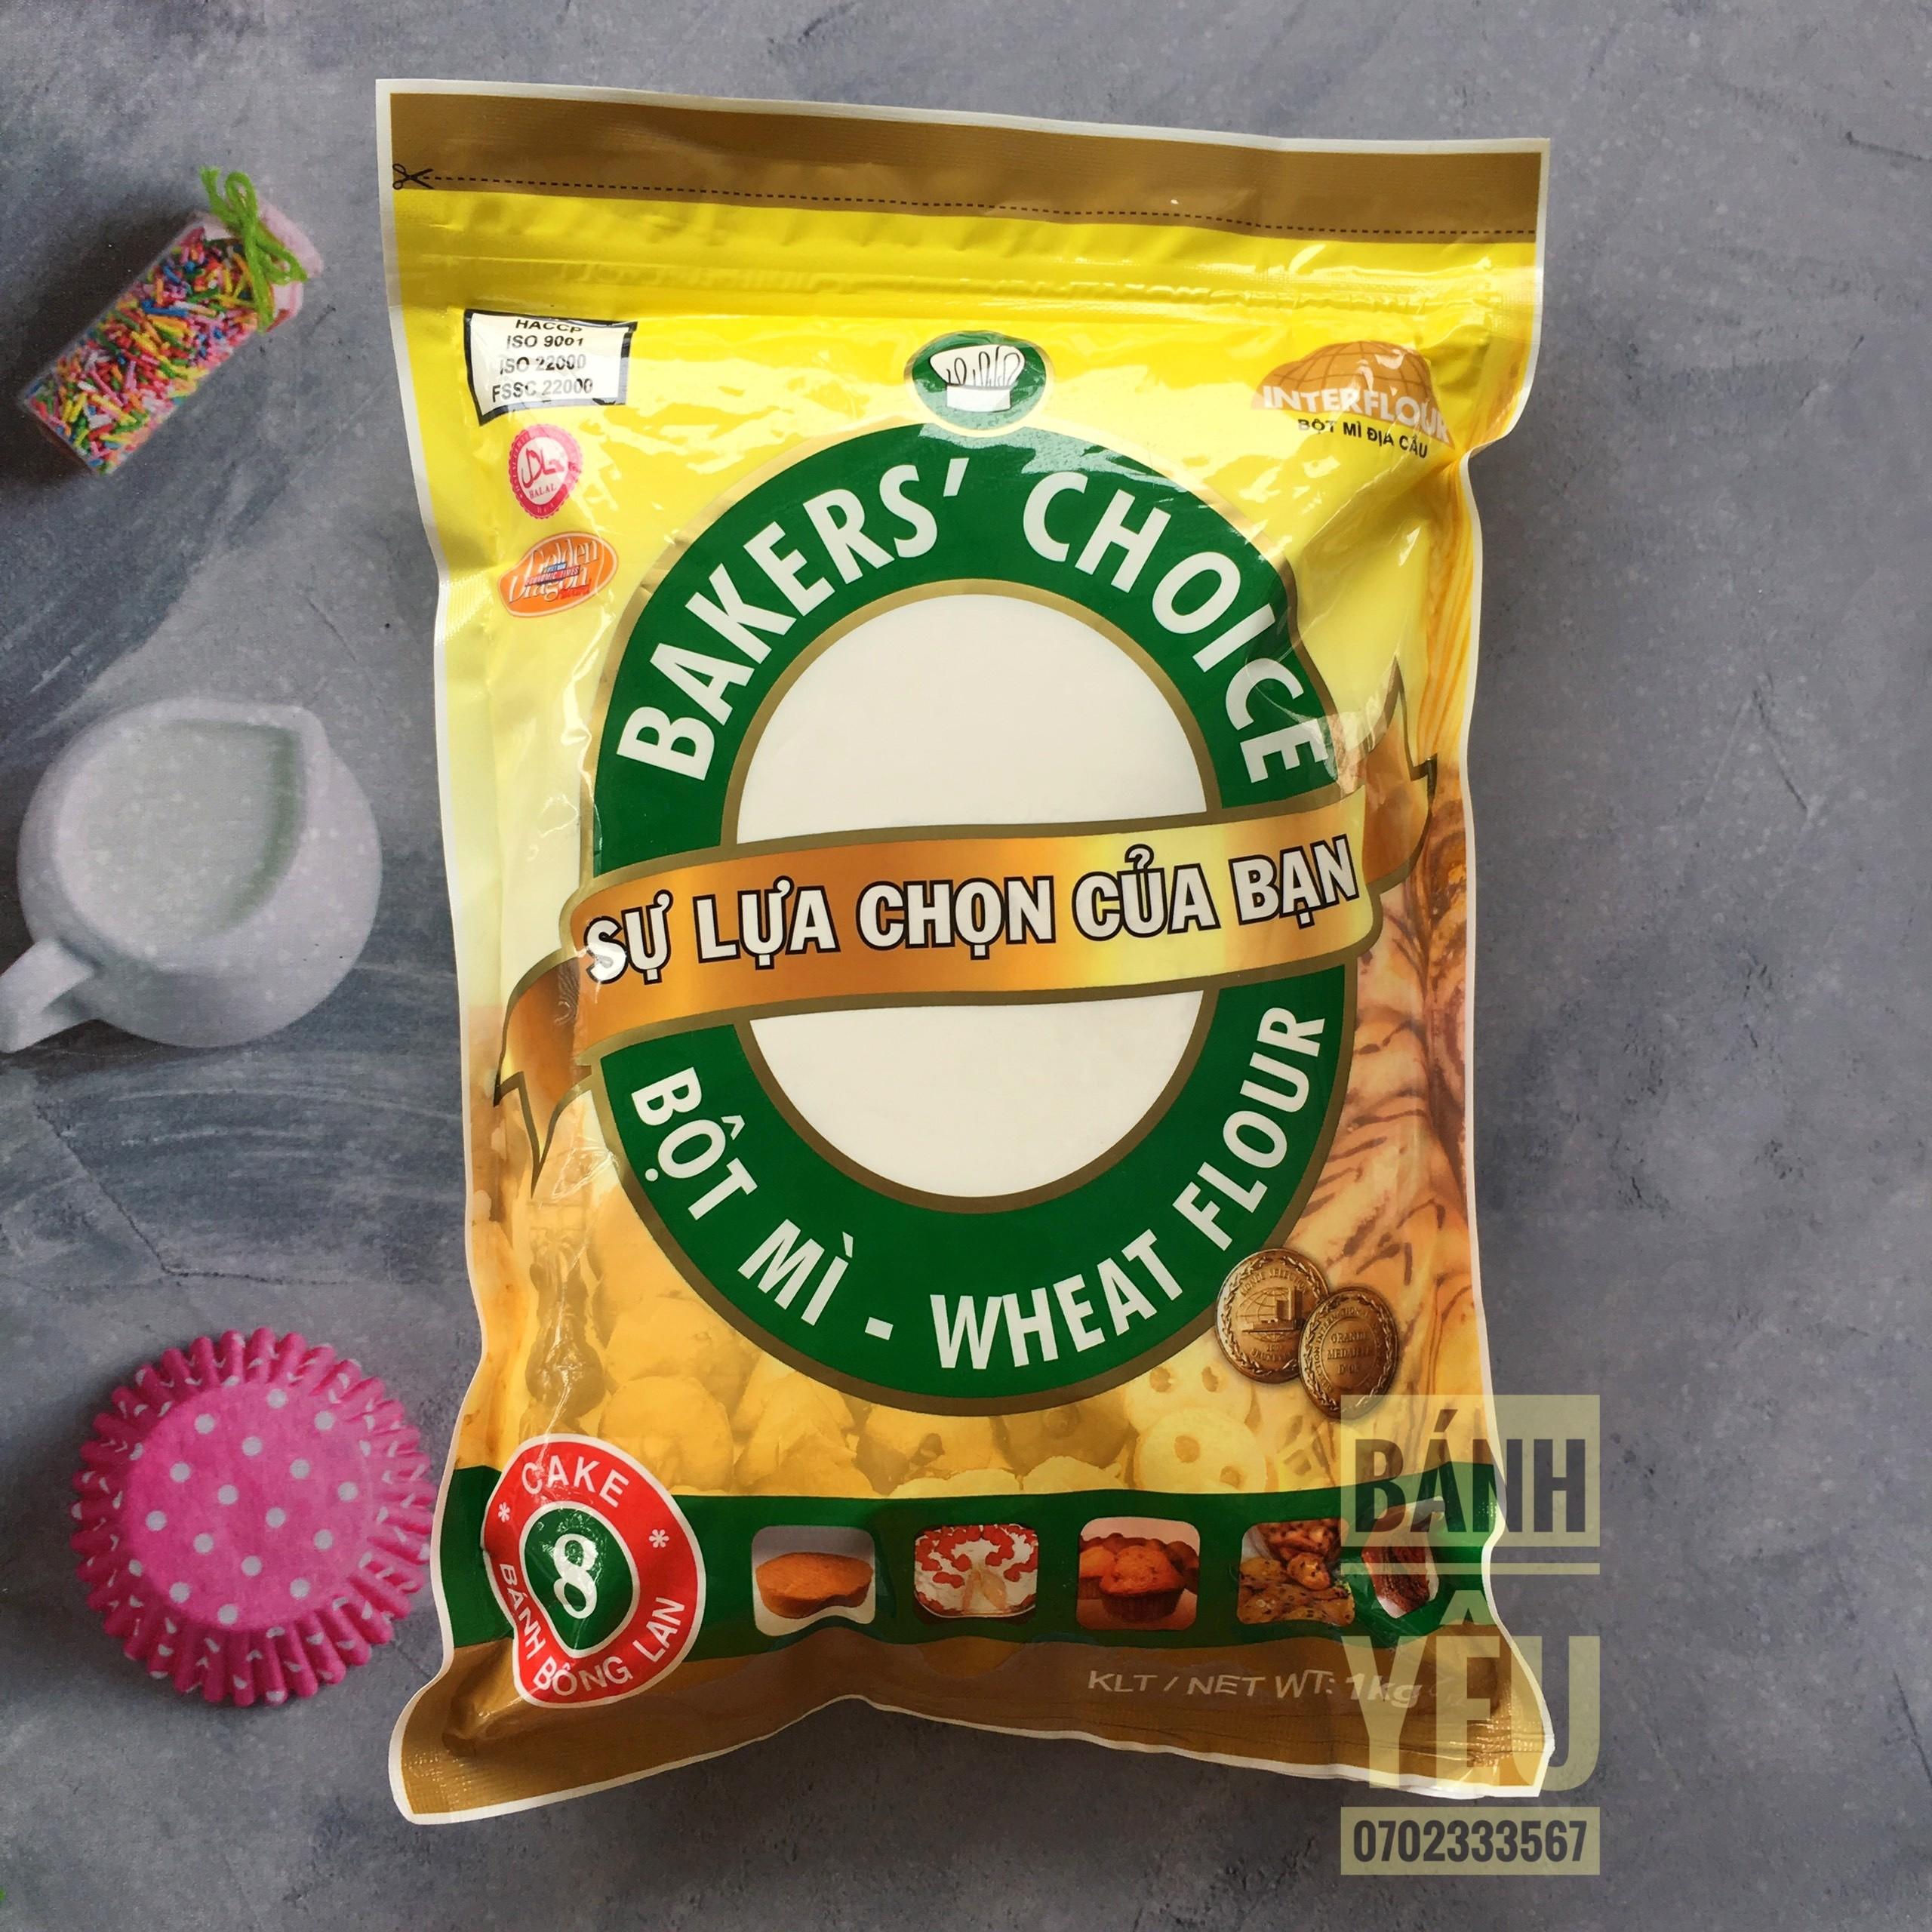 Bột Mì Số 8 Bakers Choice 1kg được sử dụng cực kì phổ biến trong làm bánh làm bánh mềm và xốp